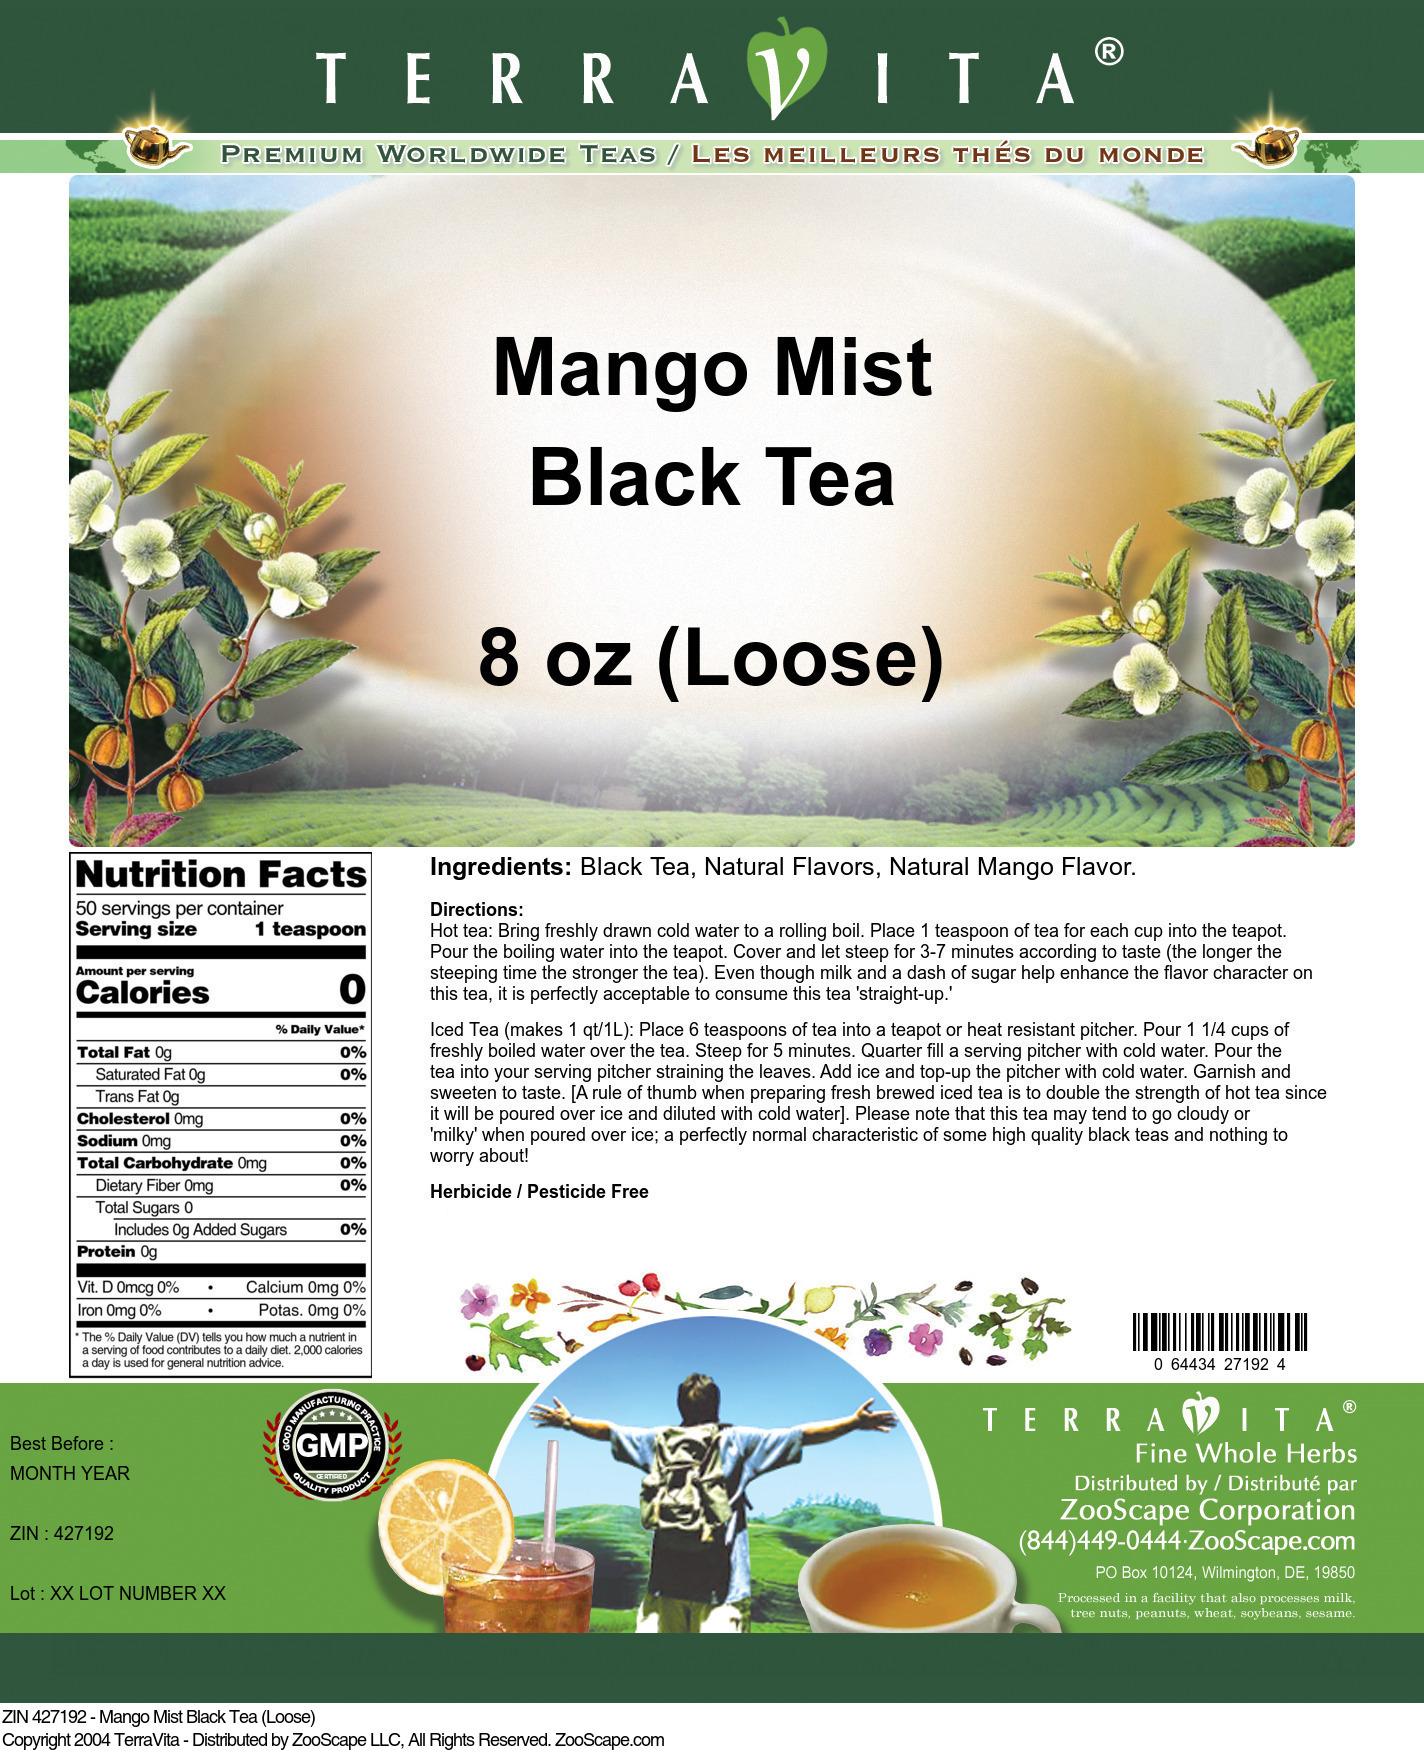 Mango Mist Black Tea (Loose)